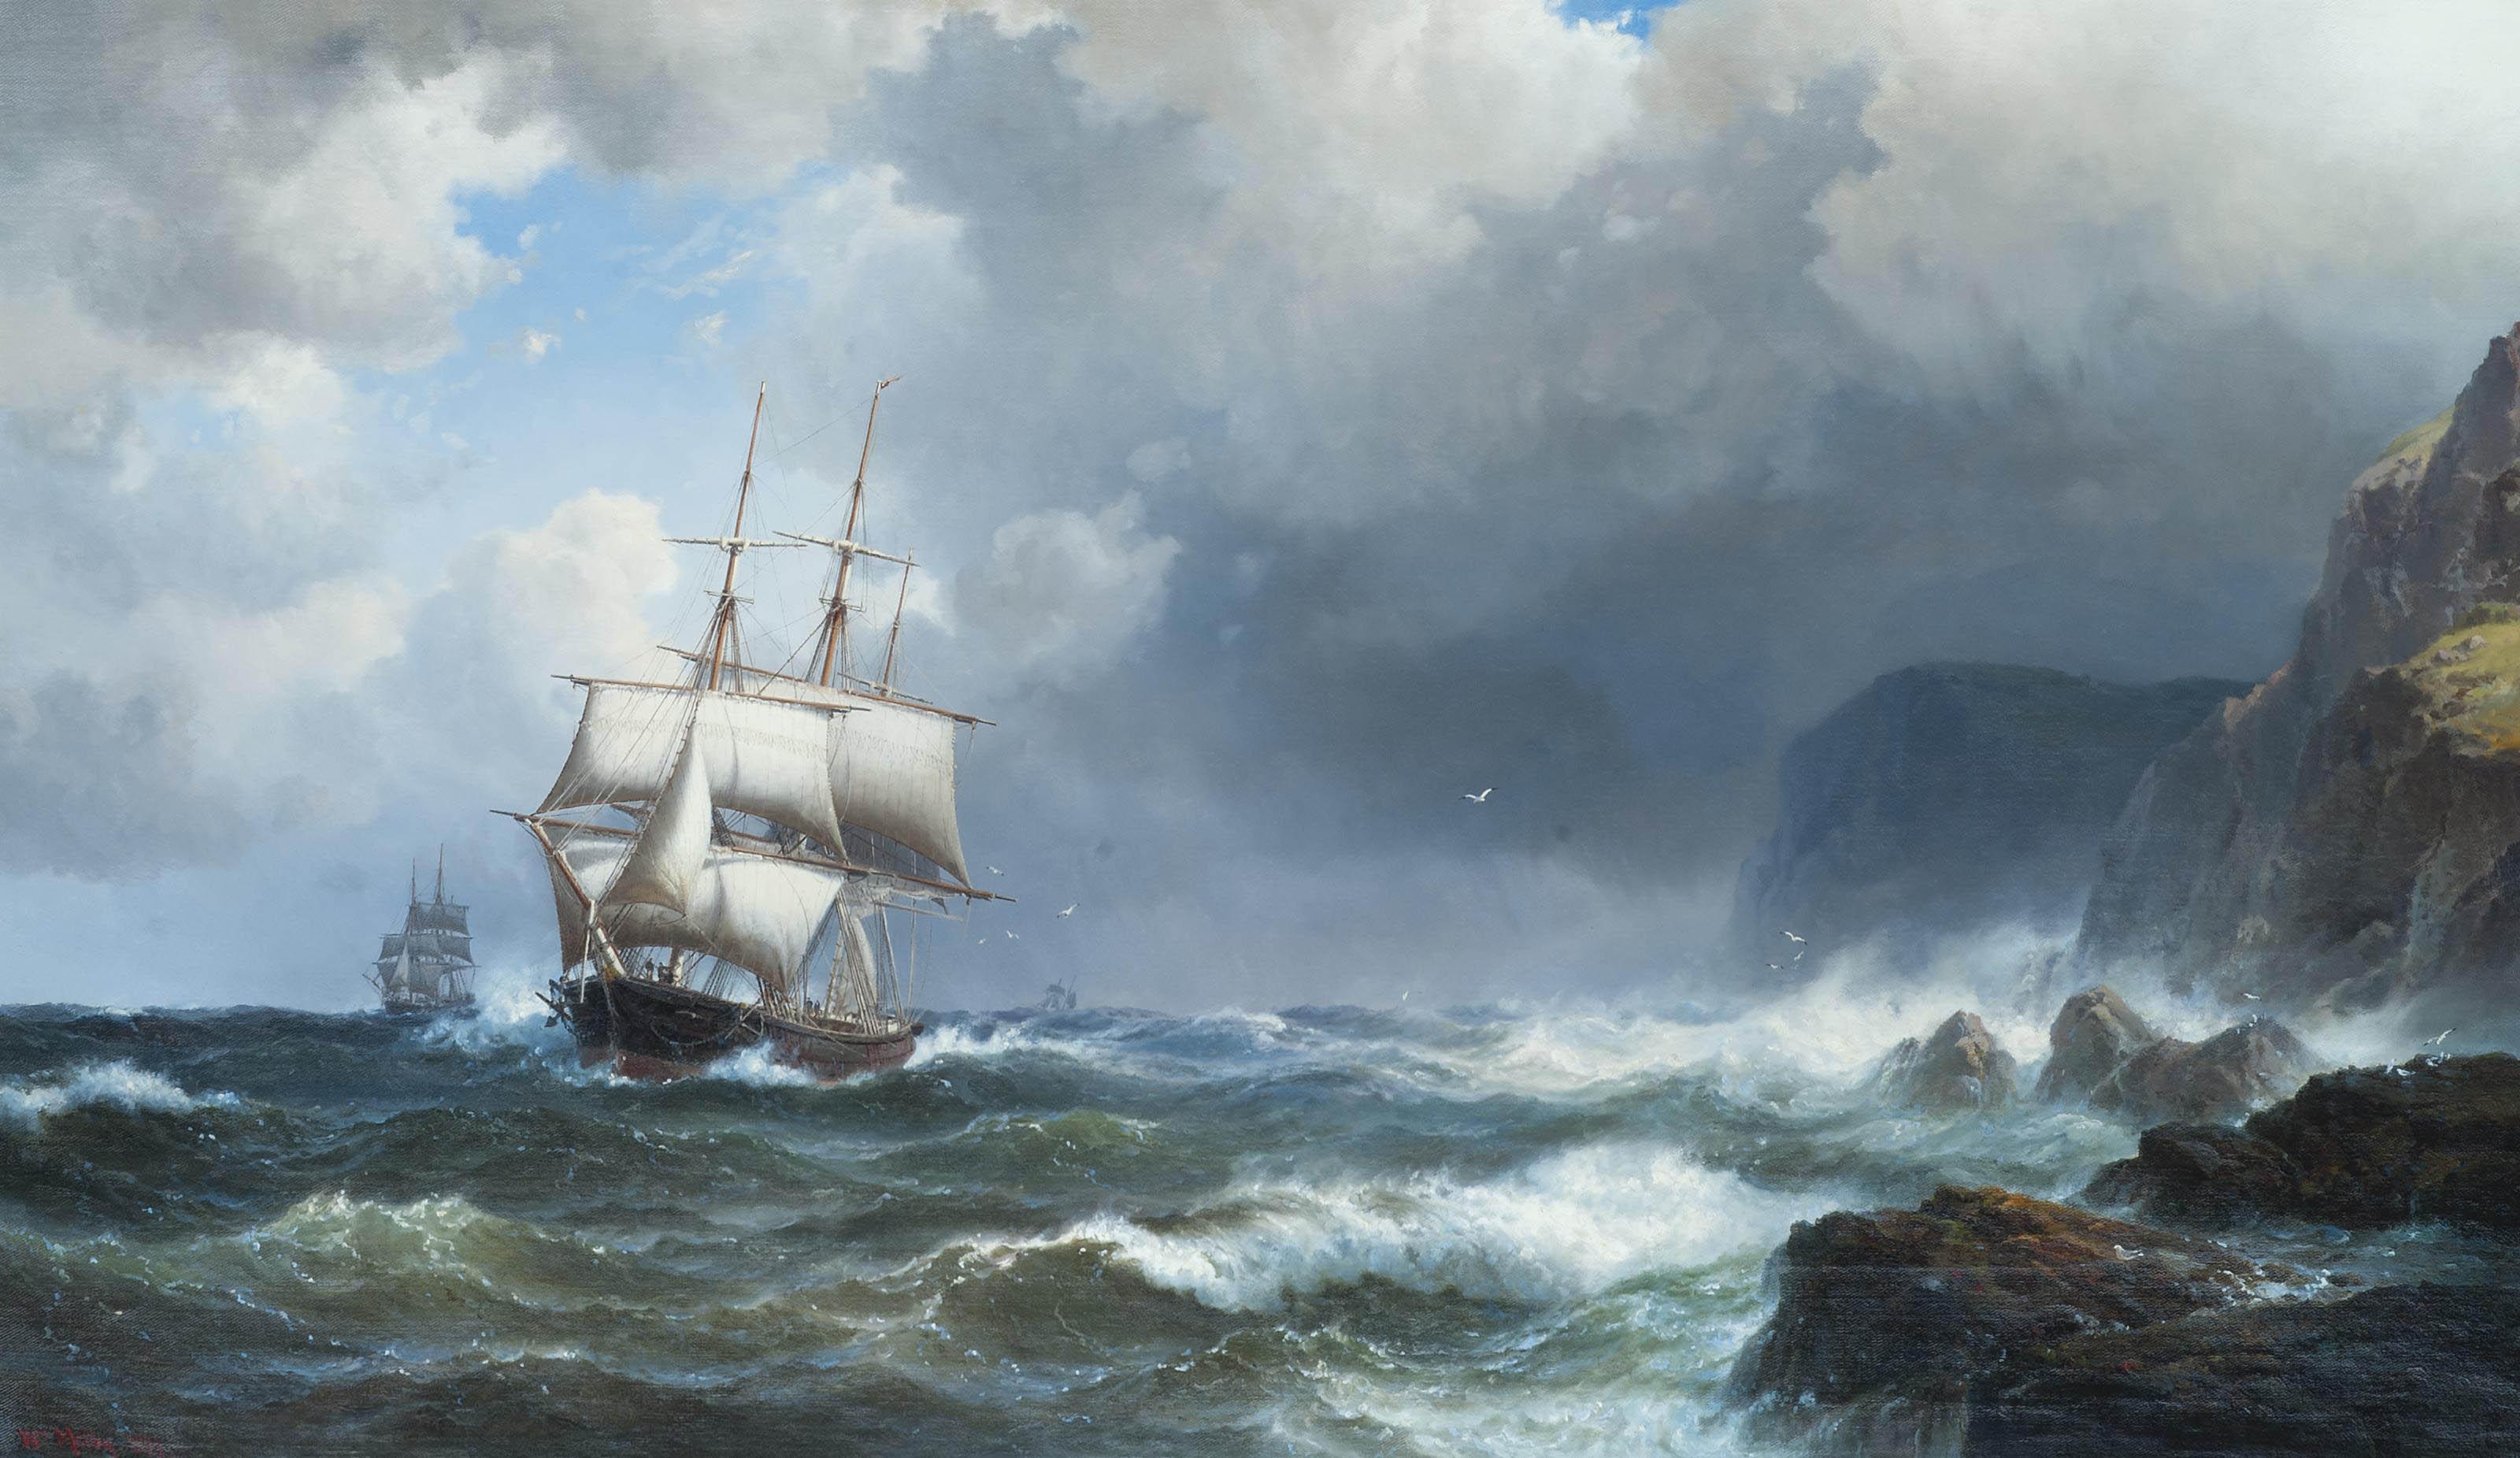 Vilhelm Melbye (Elsinore 1824-